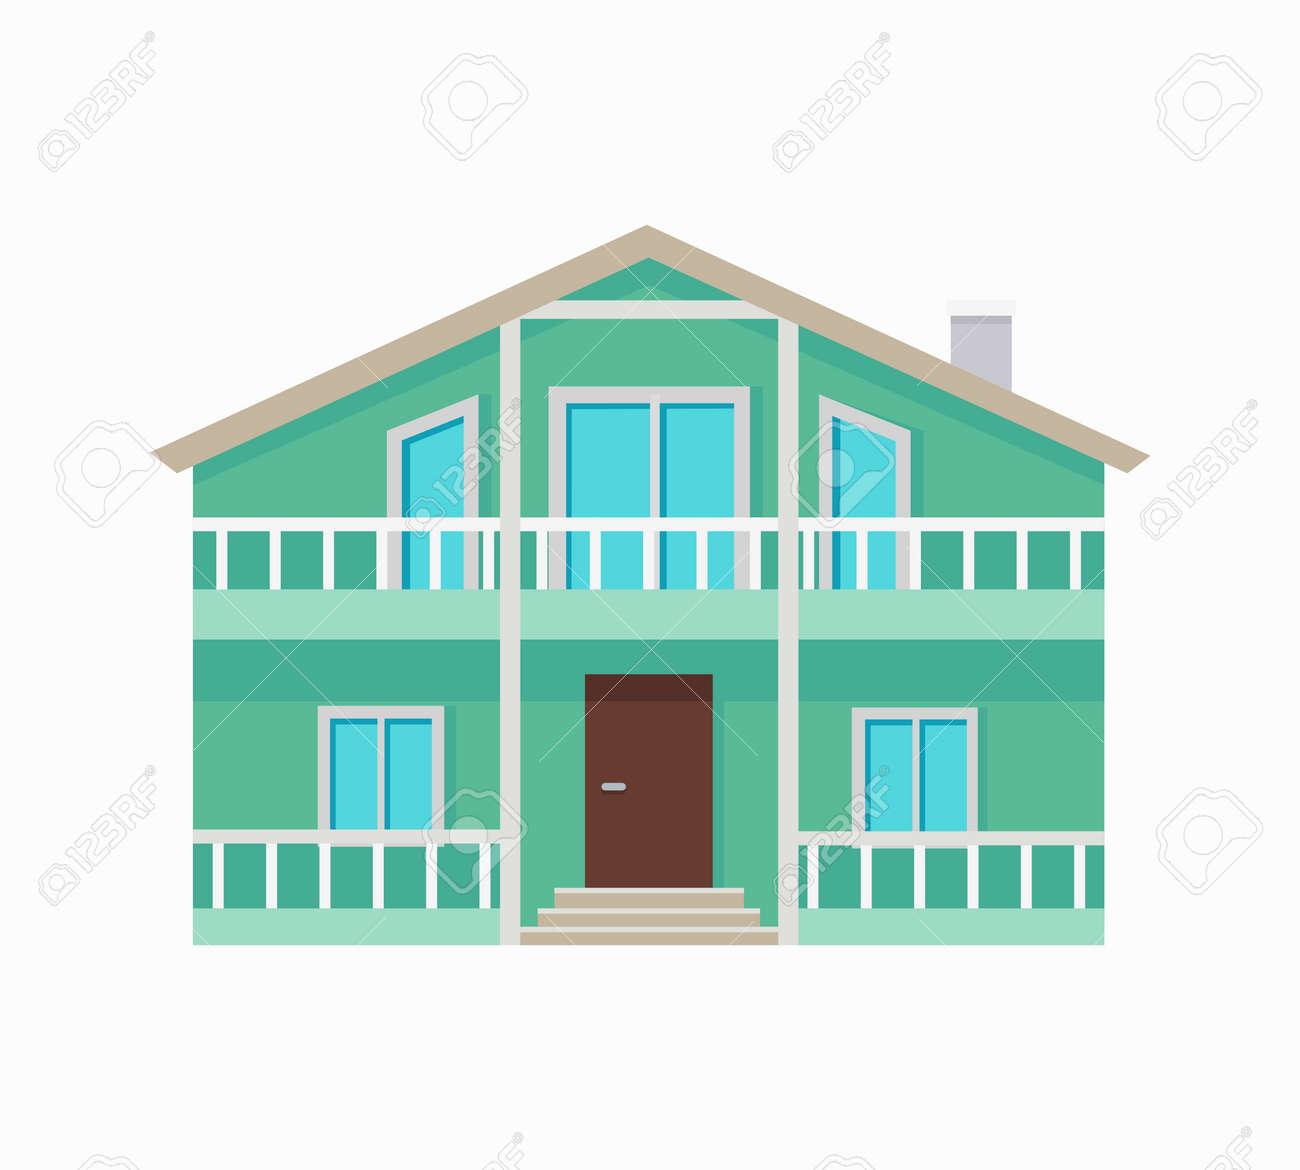 Dos Almacenado Casa De Campo Con Terraza Aislada El Exterior Del Símbolo De Icono De Inicio Casa Residencial En Colores Verdes Parte De La Serie De